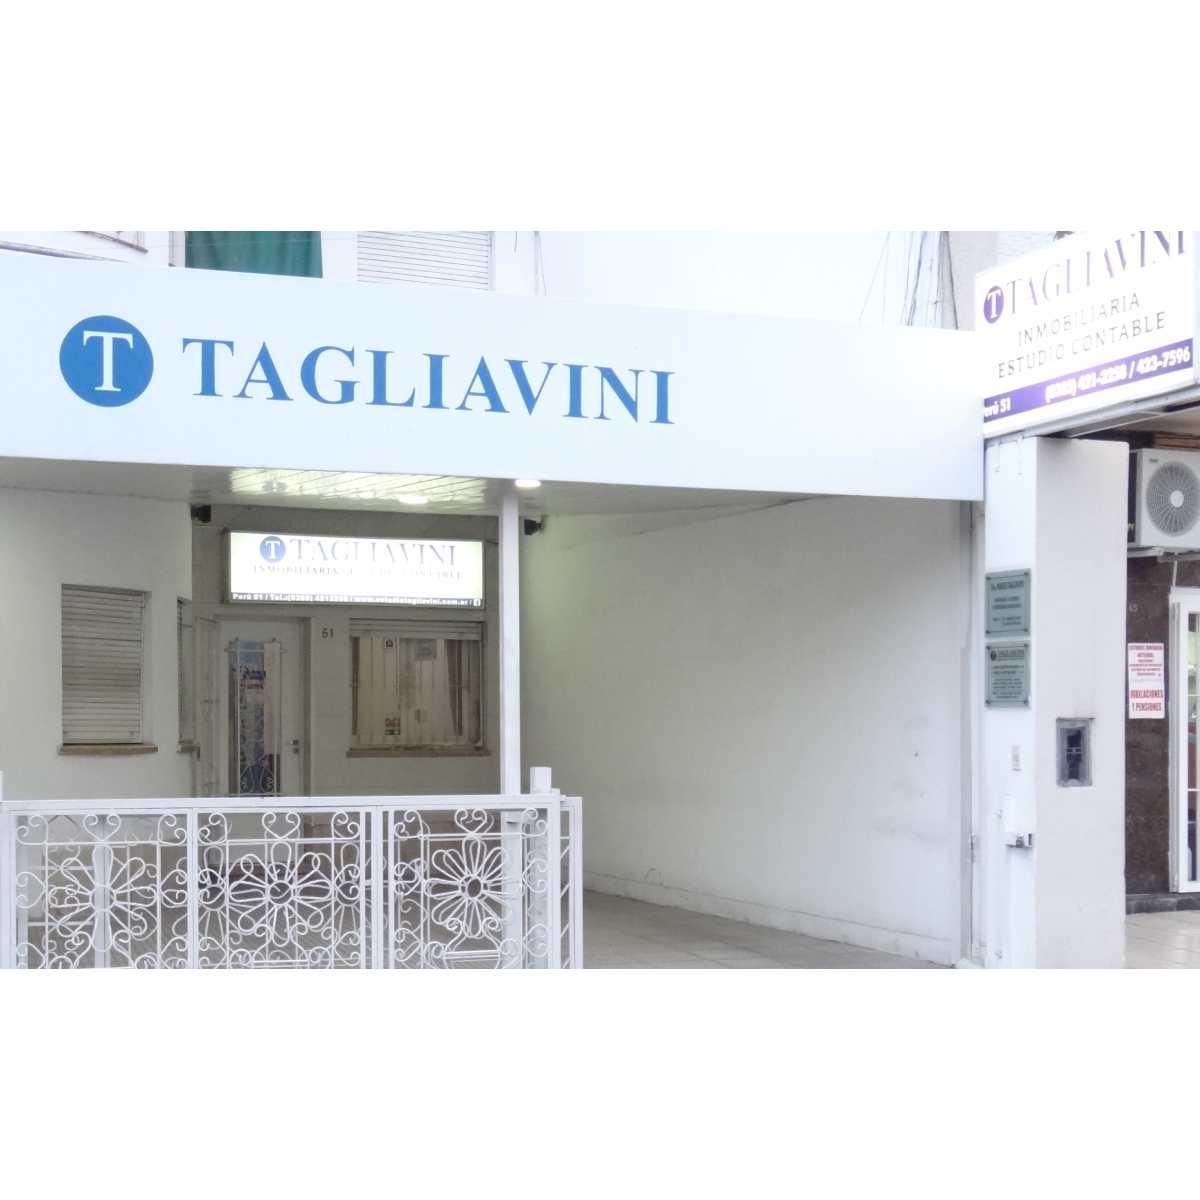 Tagliavini - Inmobiliaria & Estudio Contable